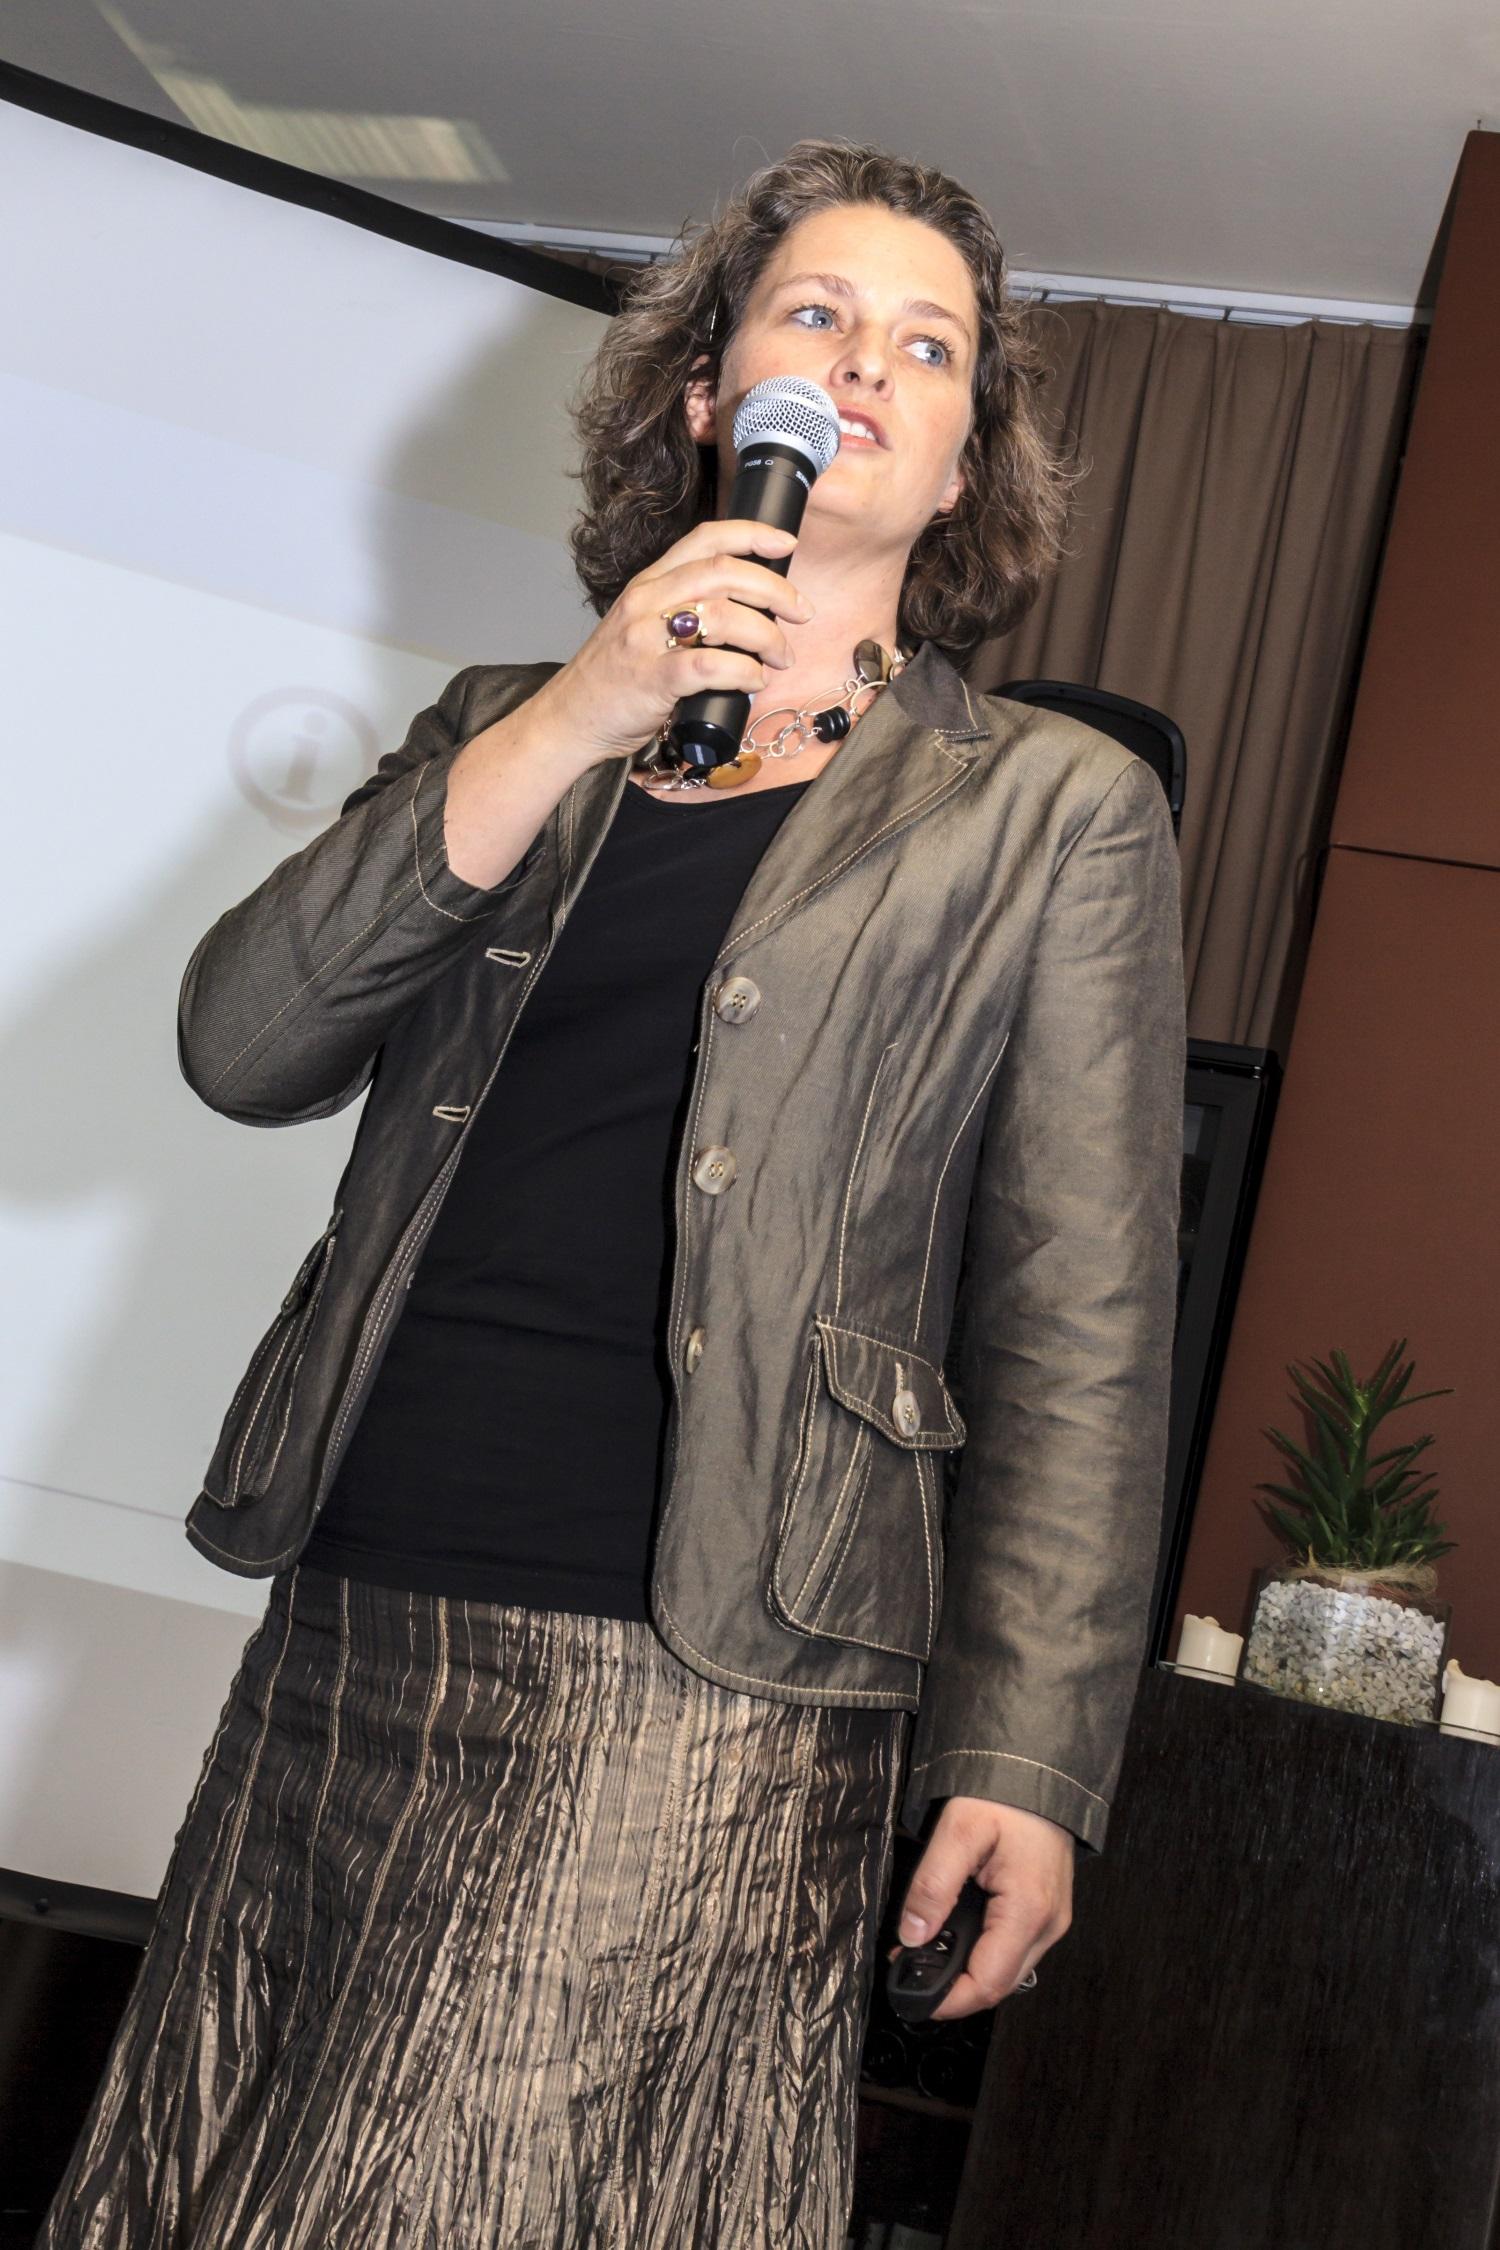 Magda Bleckmann Wirknungsverhinderer Macht der Sprache sprechen Augenkontakt negative Wörter leise schnell sprechen kein Blickkontakt Körpersprache passt nich